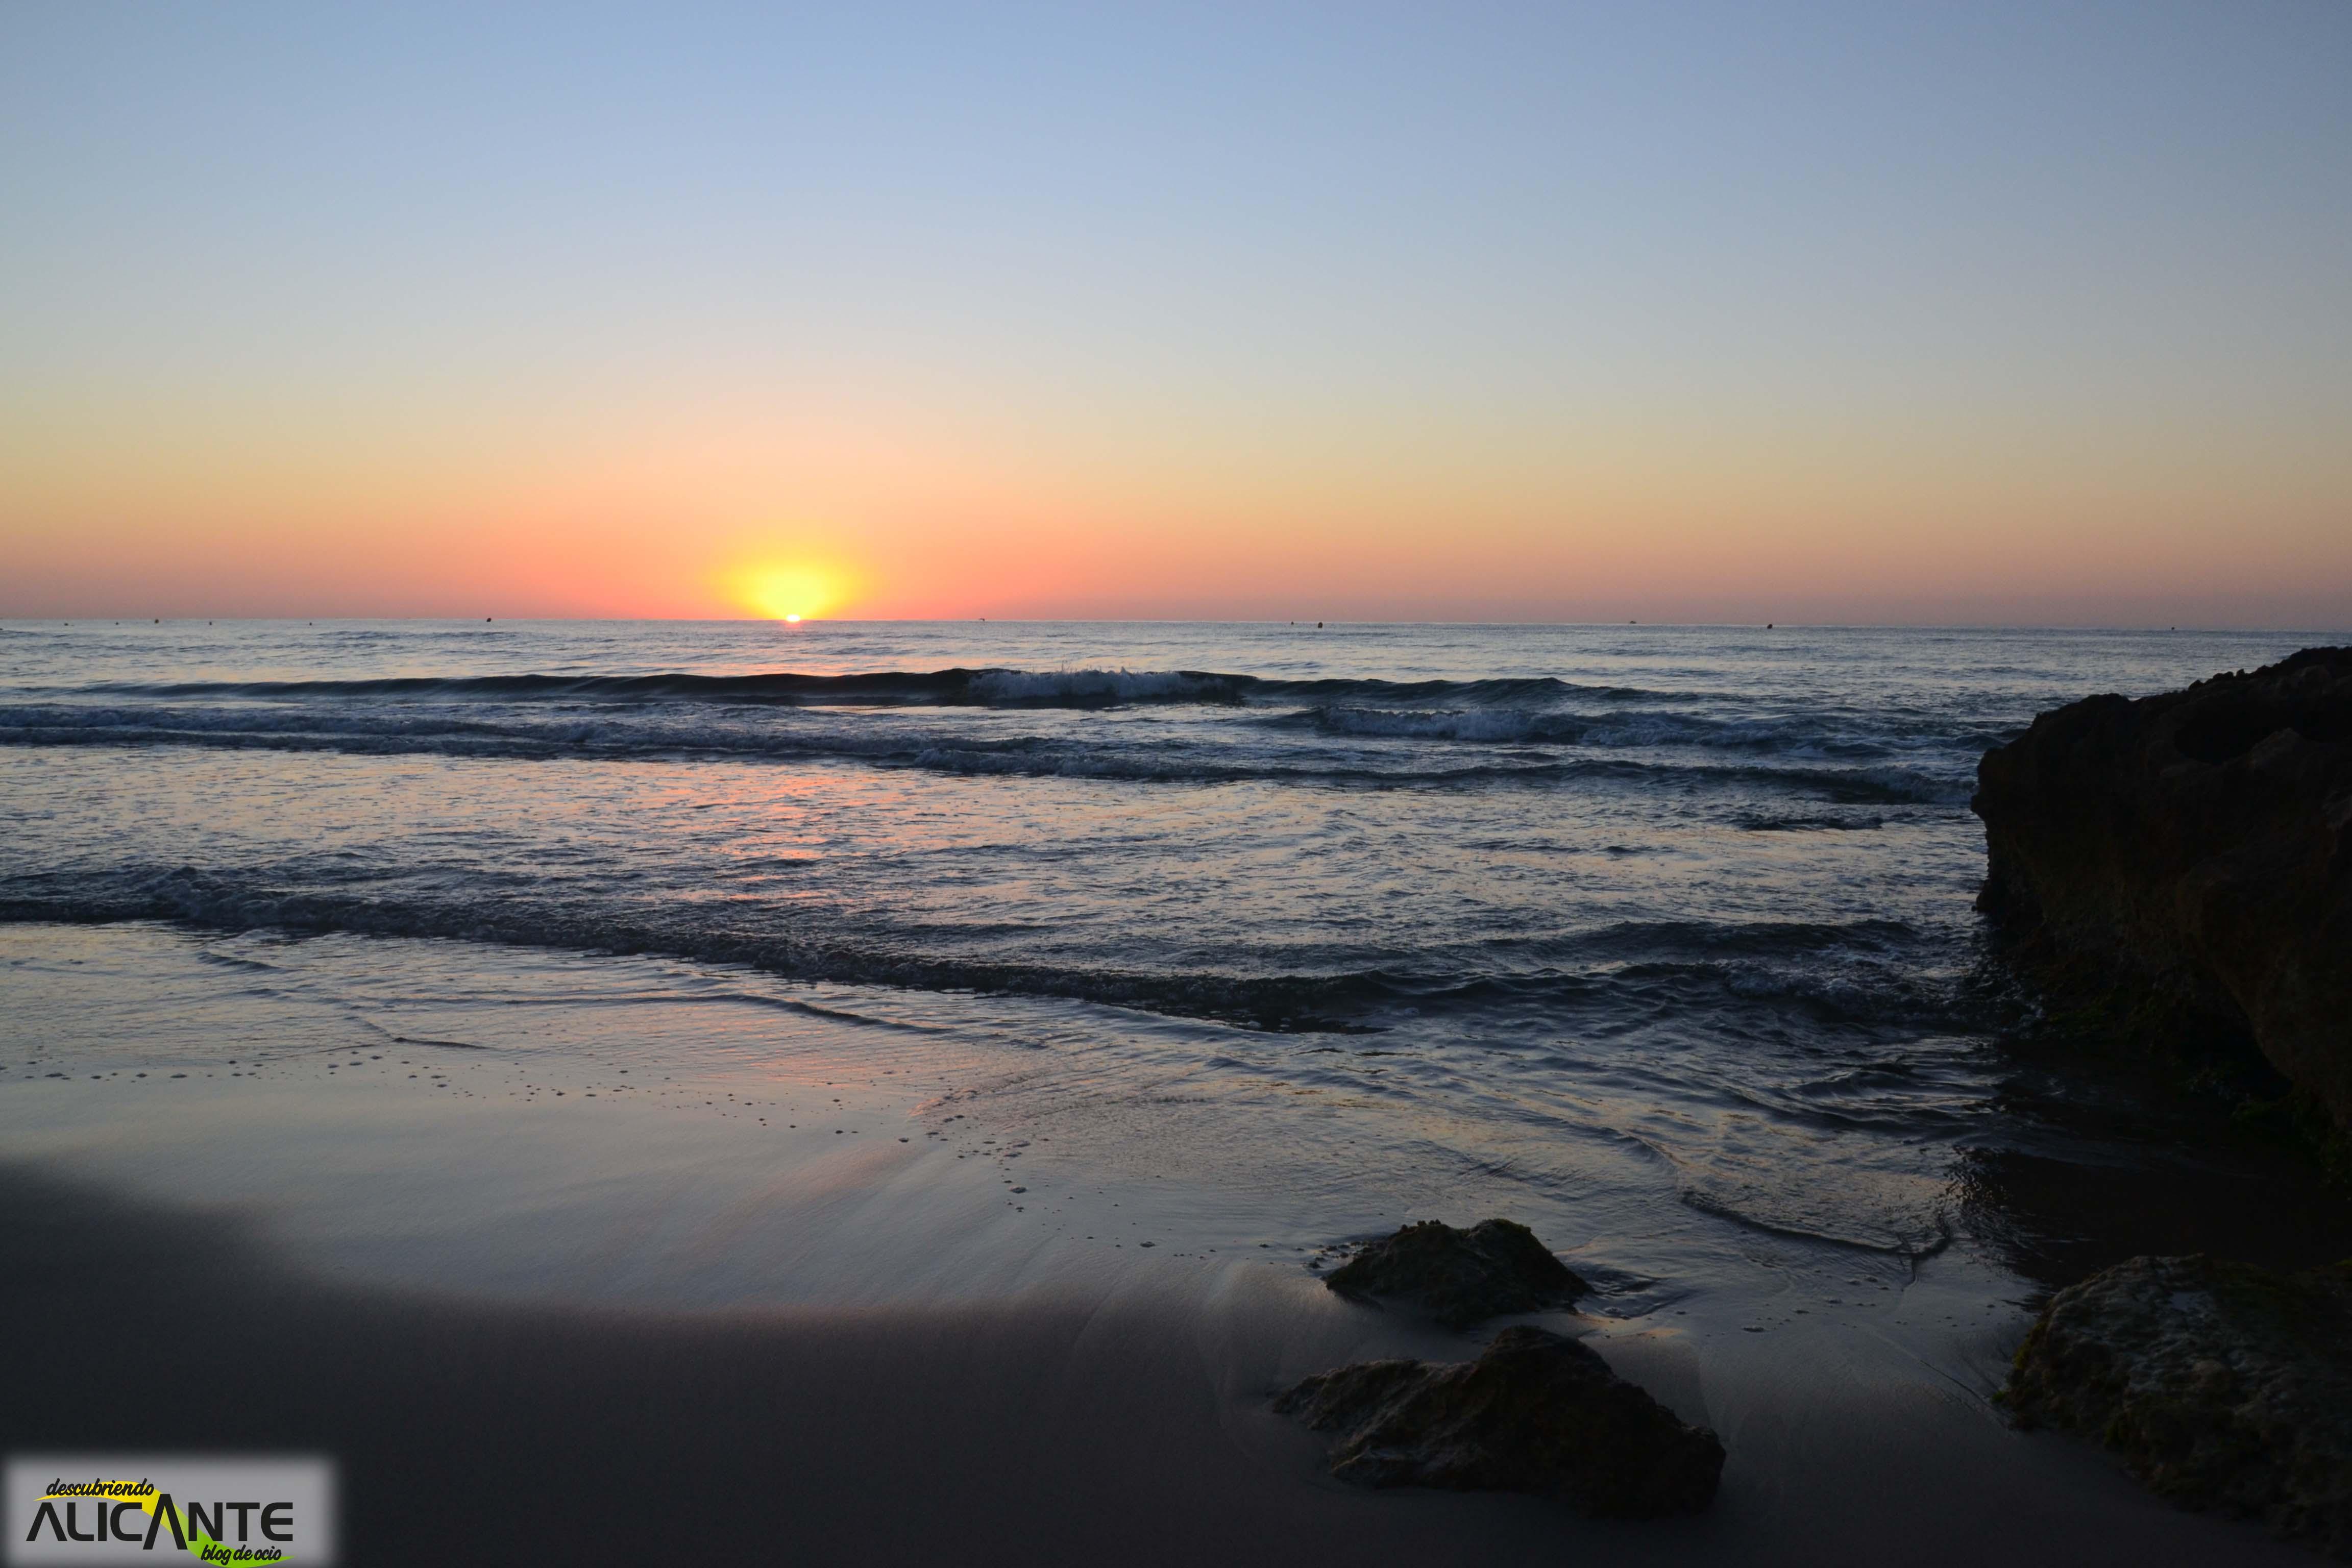 amanecer-la-zenia-orihuela-alicante-0236